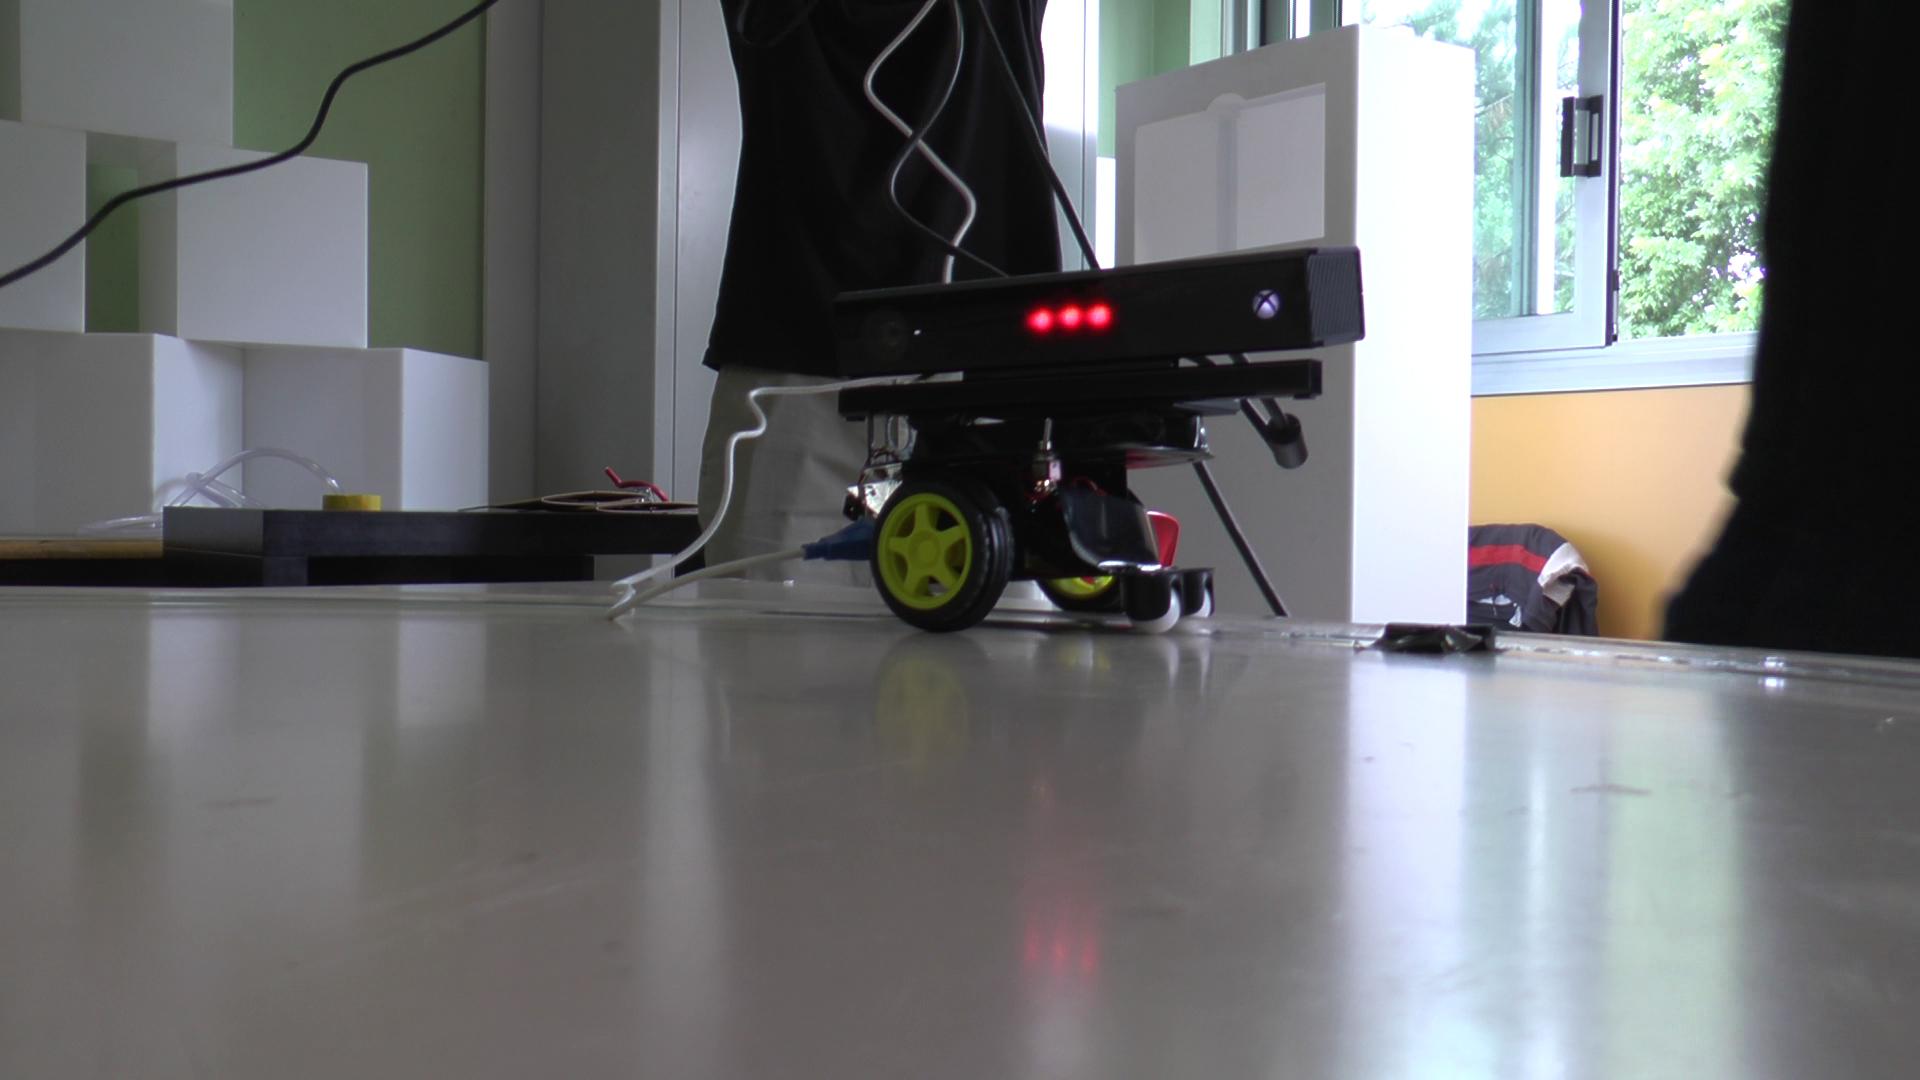 arduino kinect2 tutorial